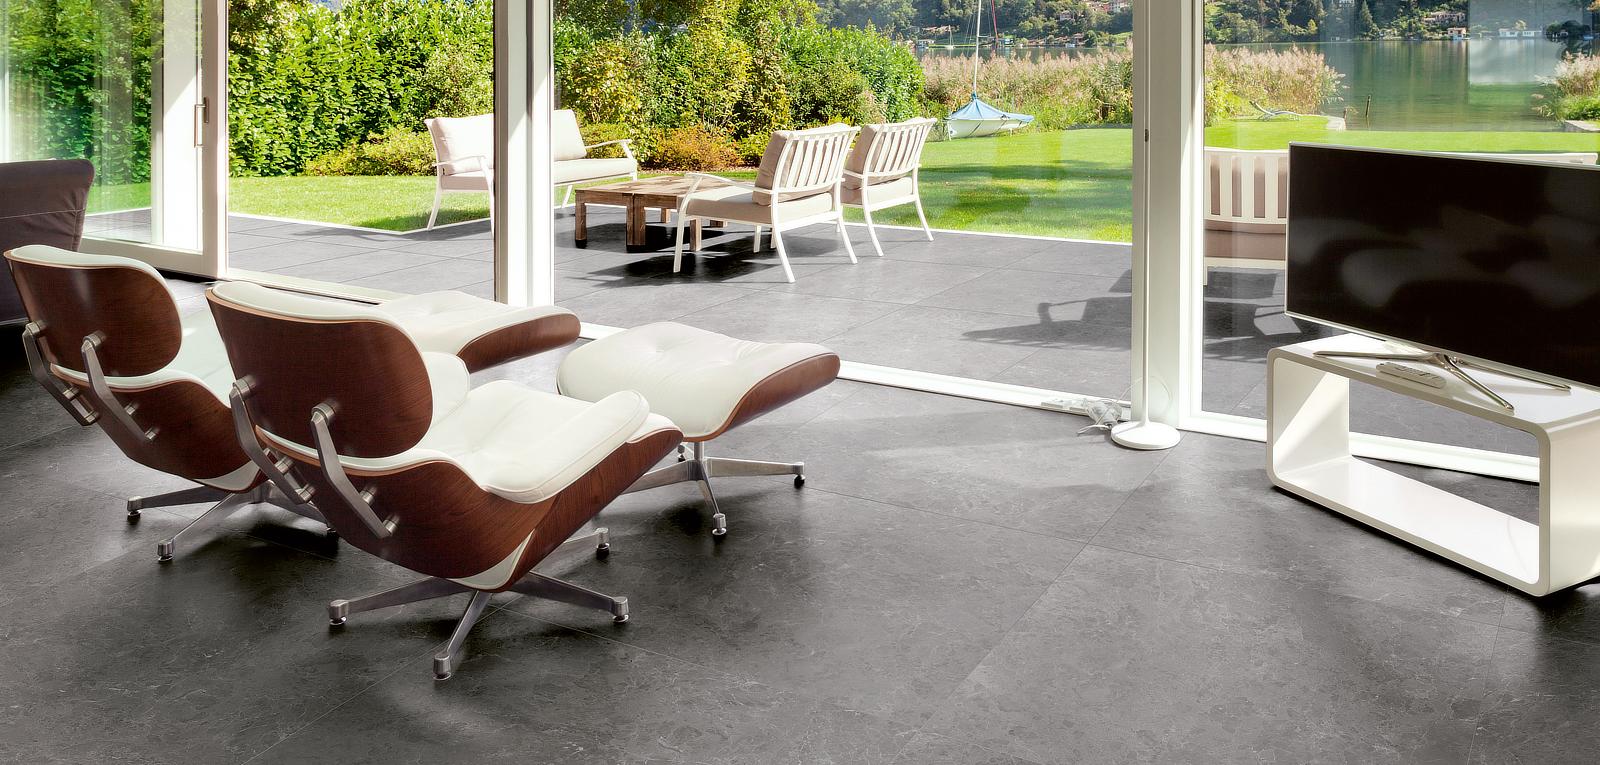 tagina-marmore-grigio-living-outdoor